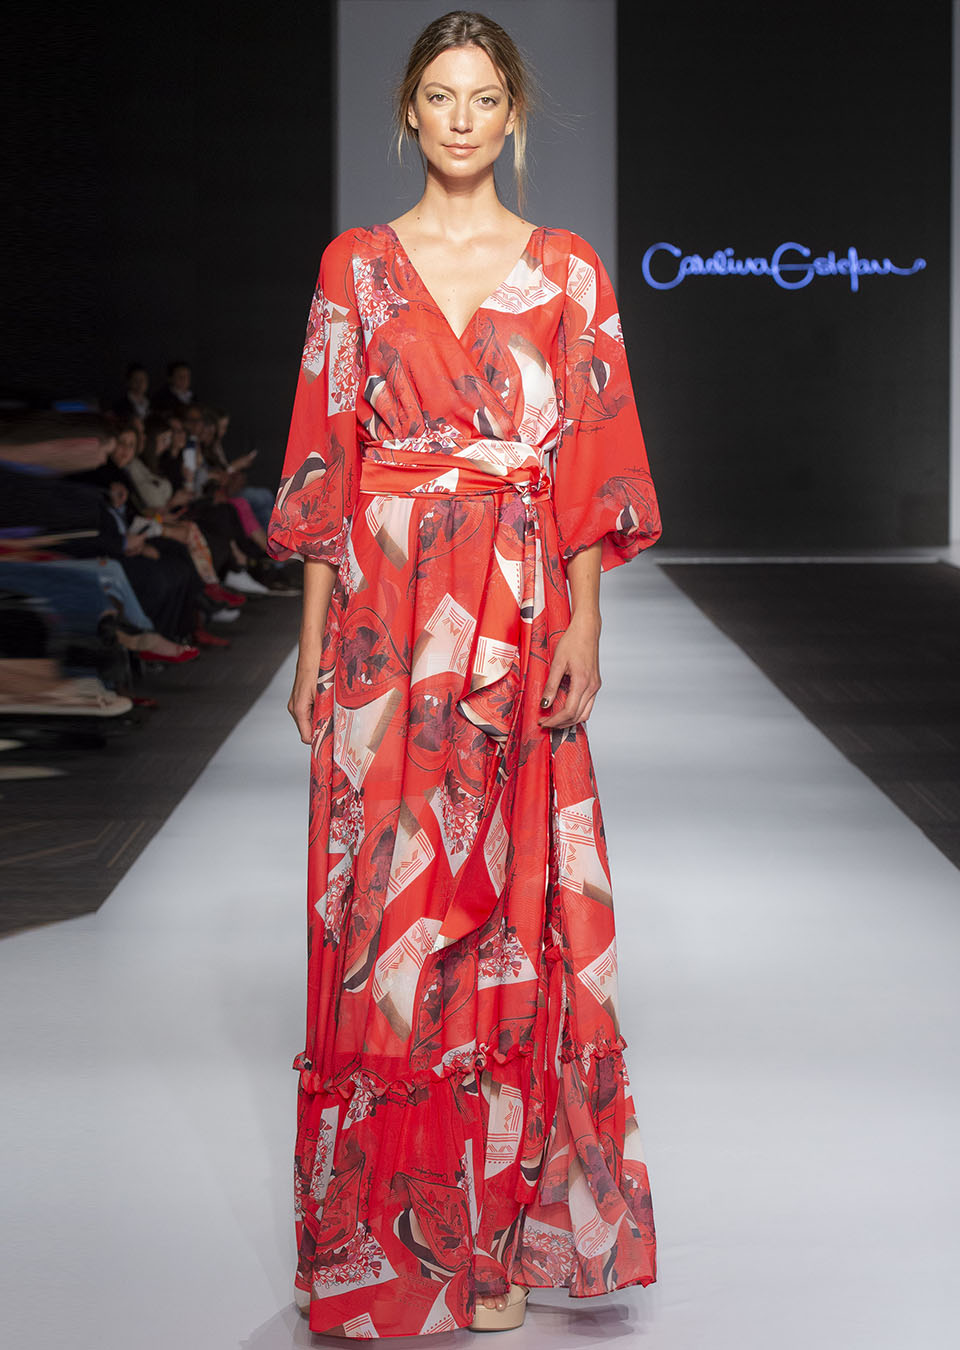 Pasarela Carolina Estefan, Bfw 2018. Abril 25 de 2018.